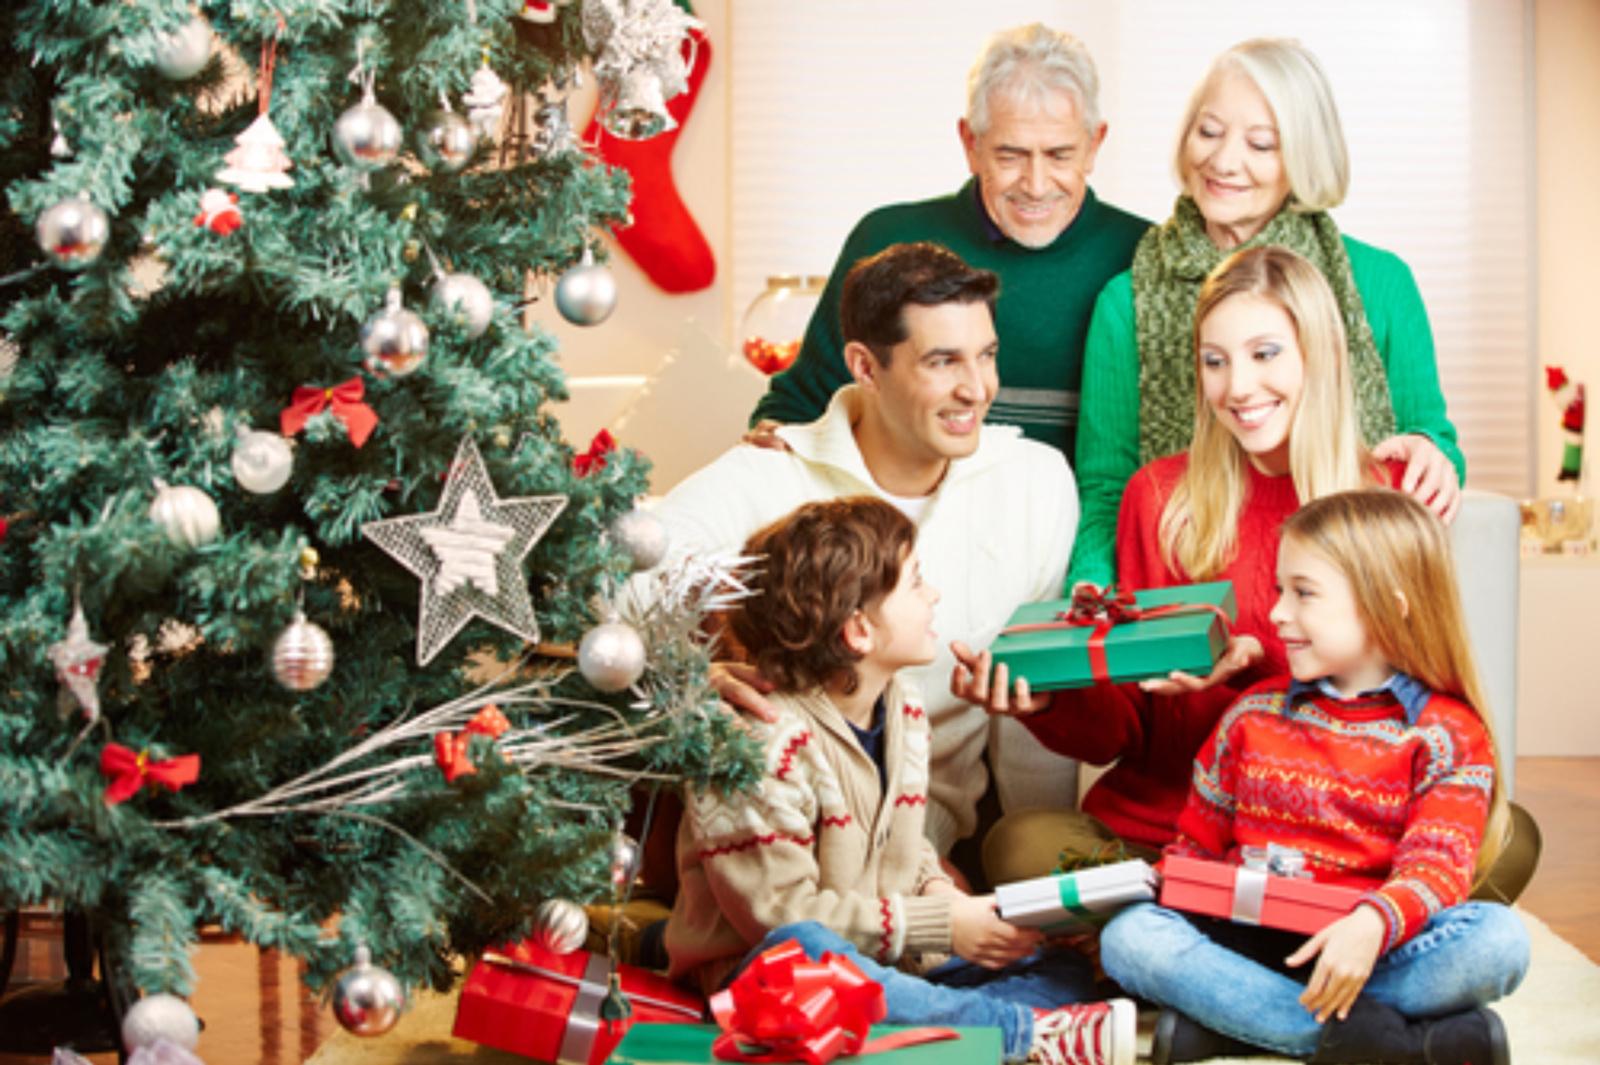 Kalėdinės dovanos tėvams: dovanoti bendrą dovaną ar ne?